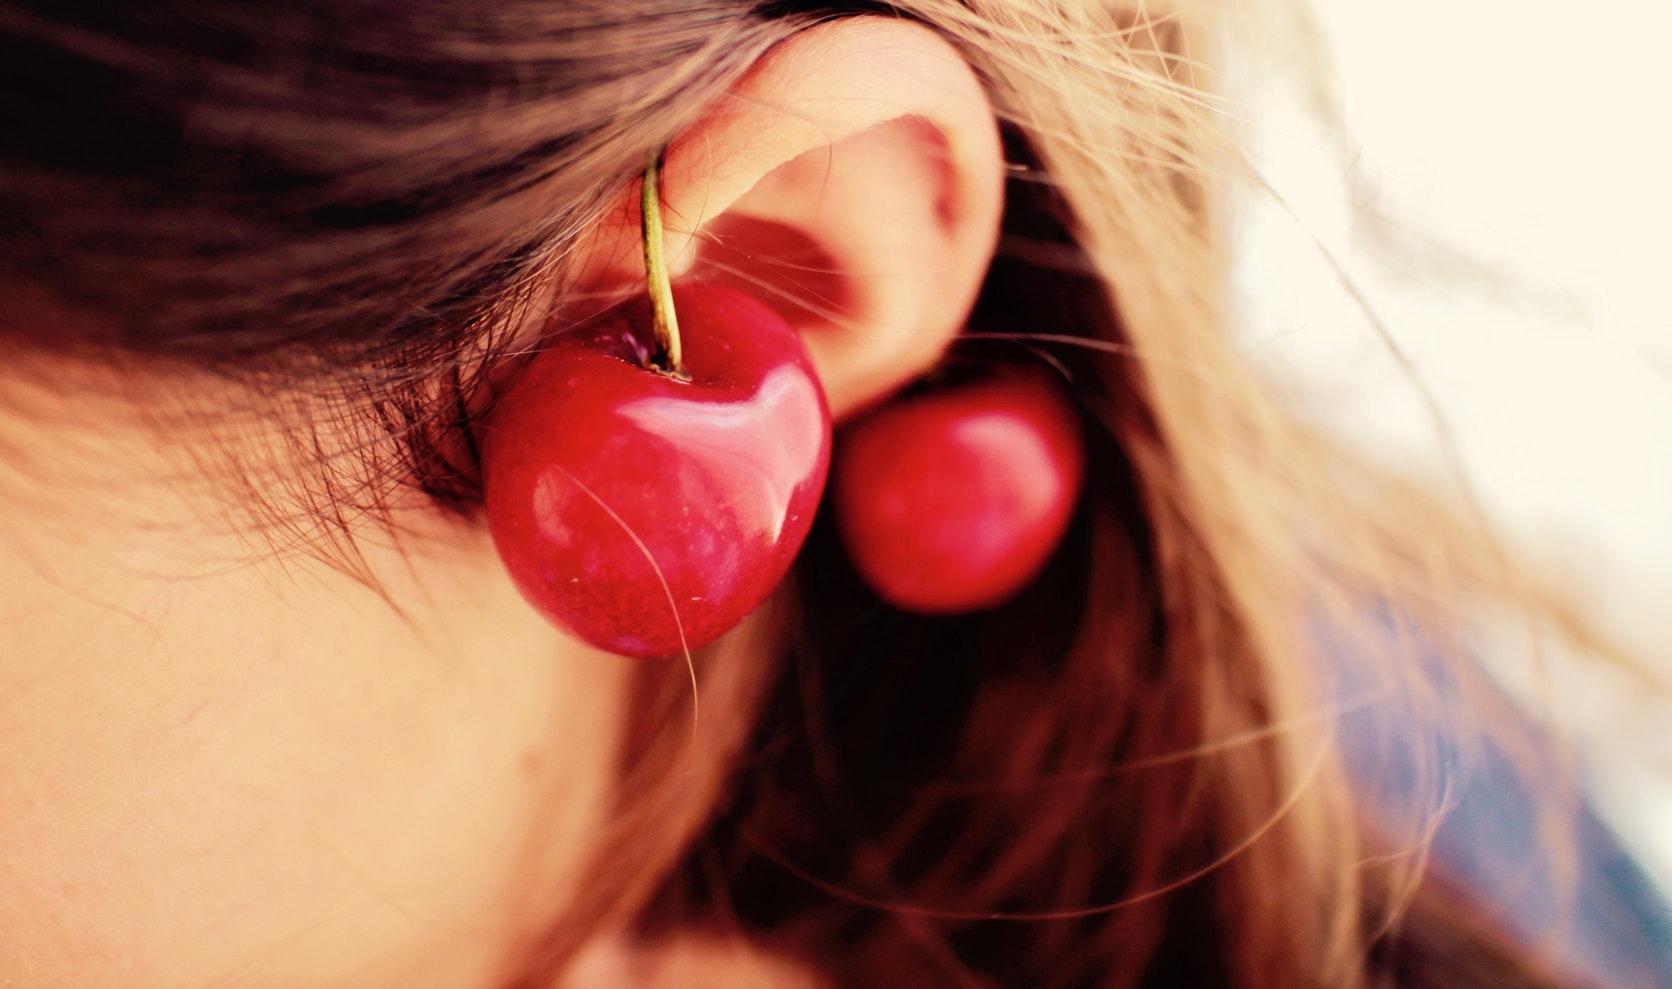 jak dbać o słuch, aby zapobiec jego wczesnemu pogorszeniu?